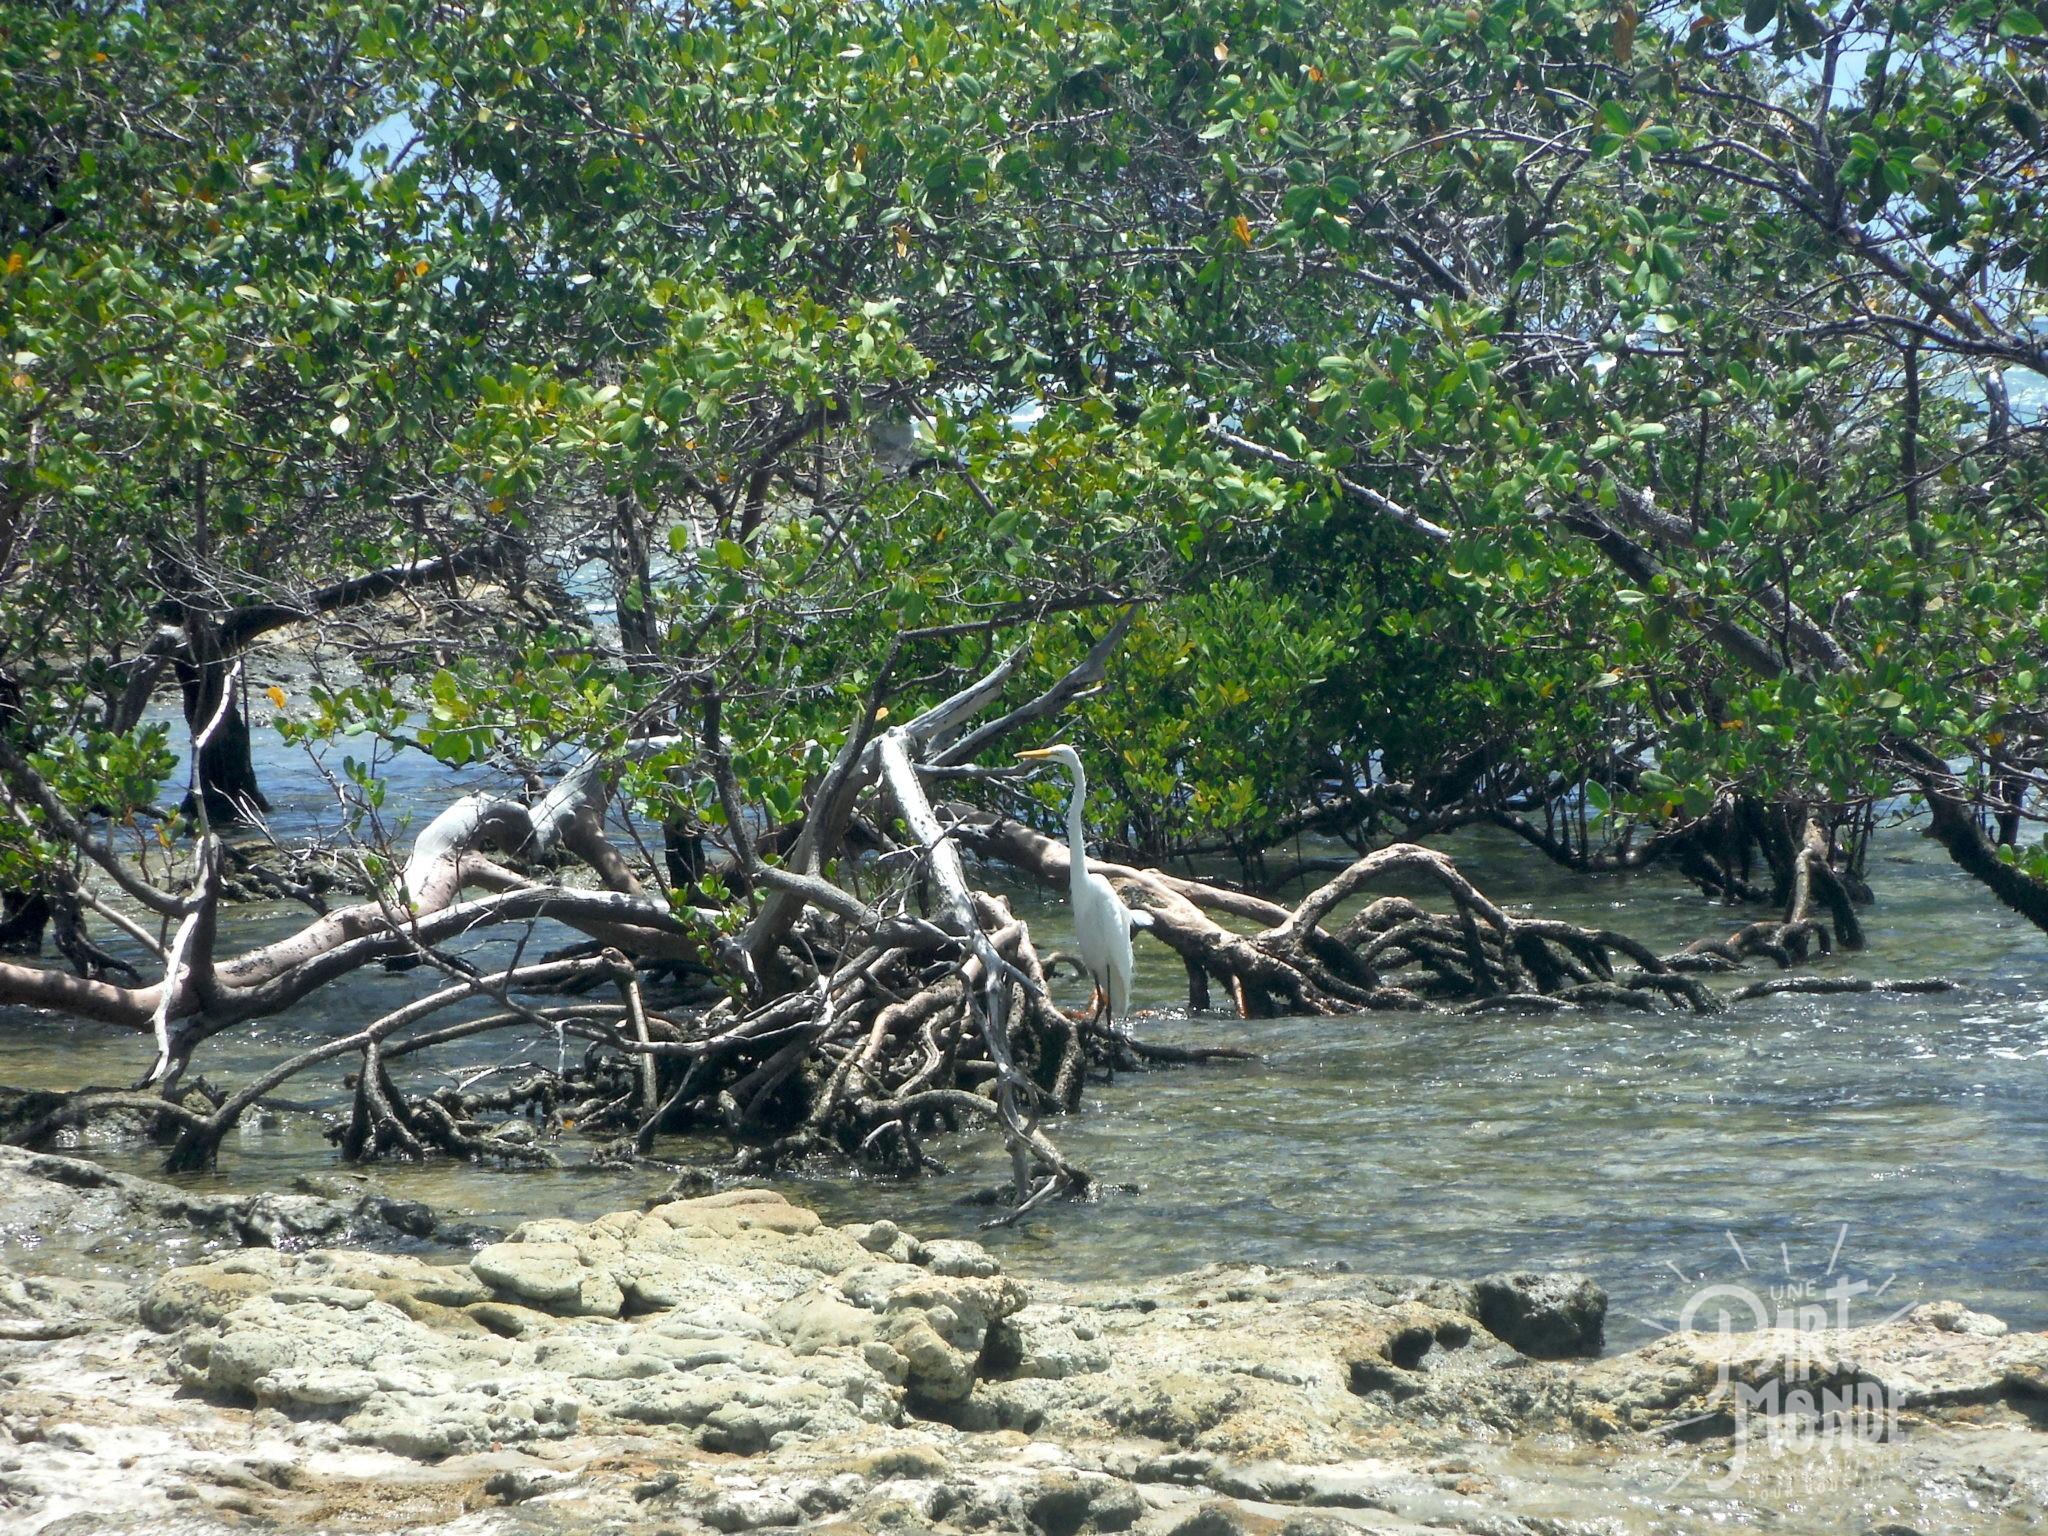 île de tinharé héron plage